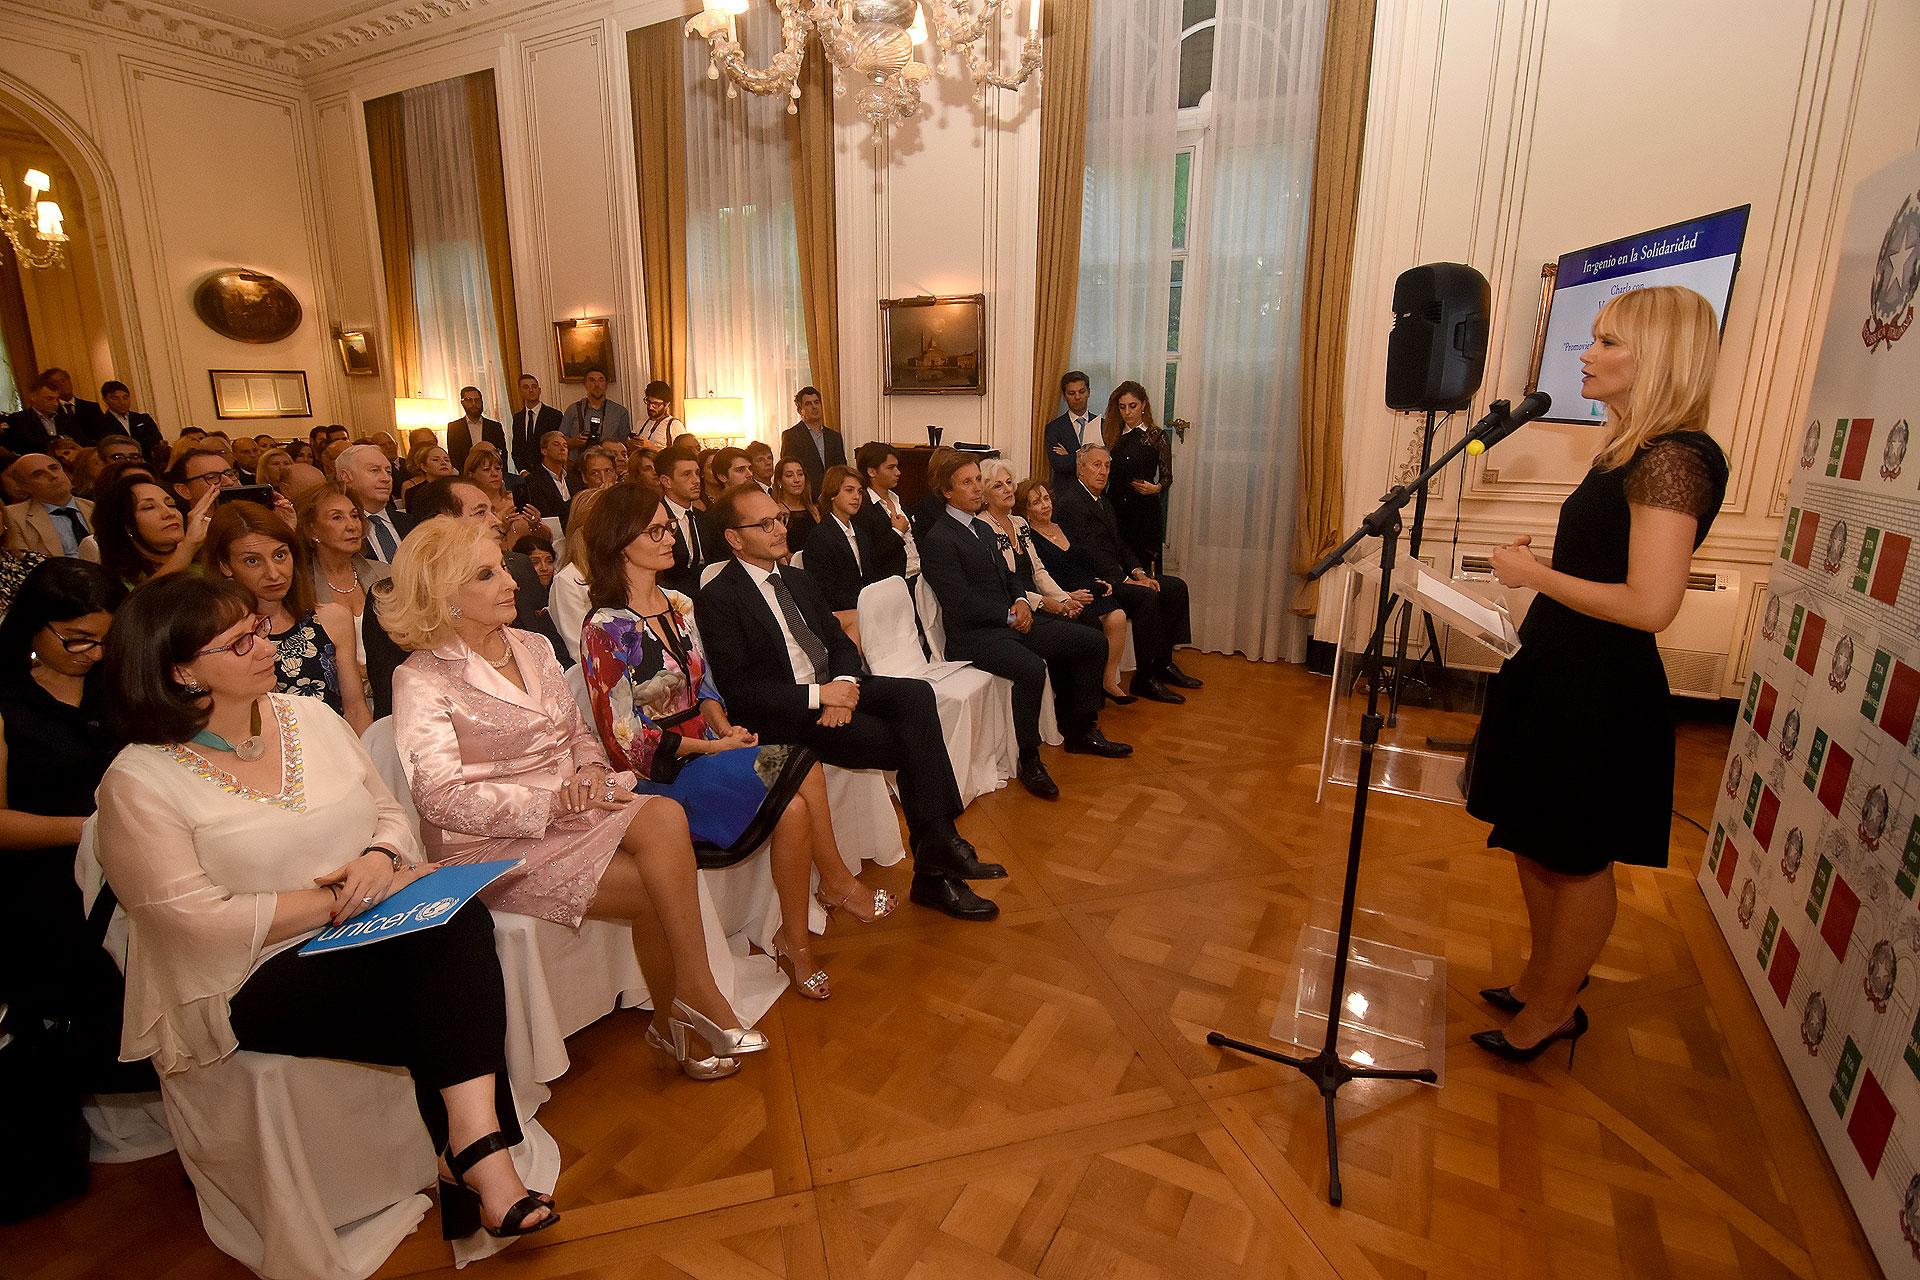 Valeria Mazza durante su discurso frente a los invitados